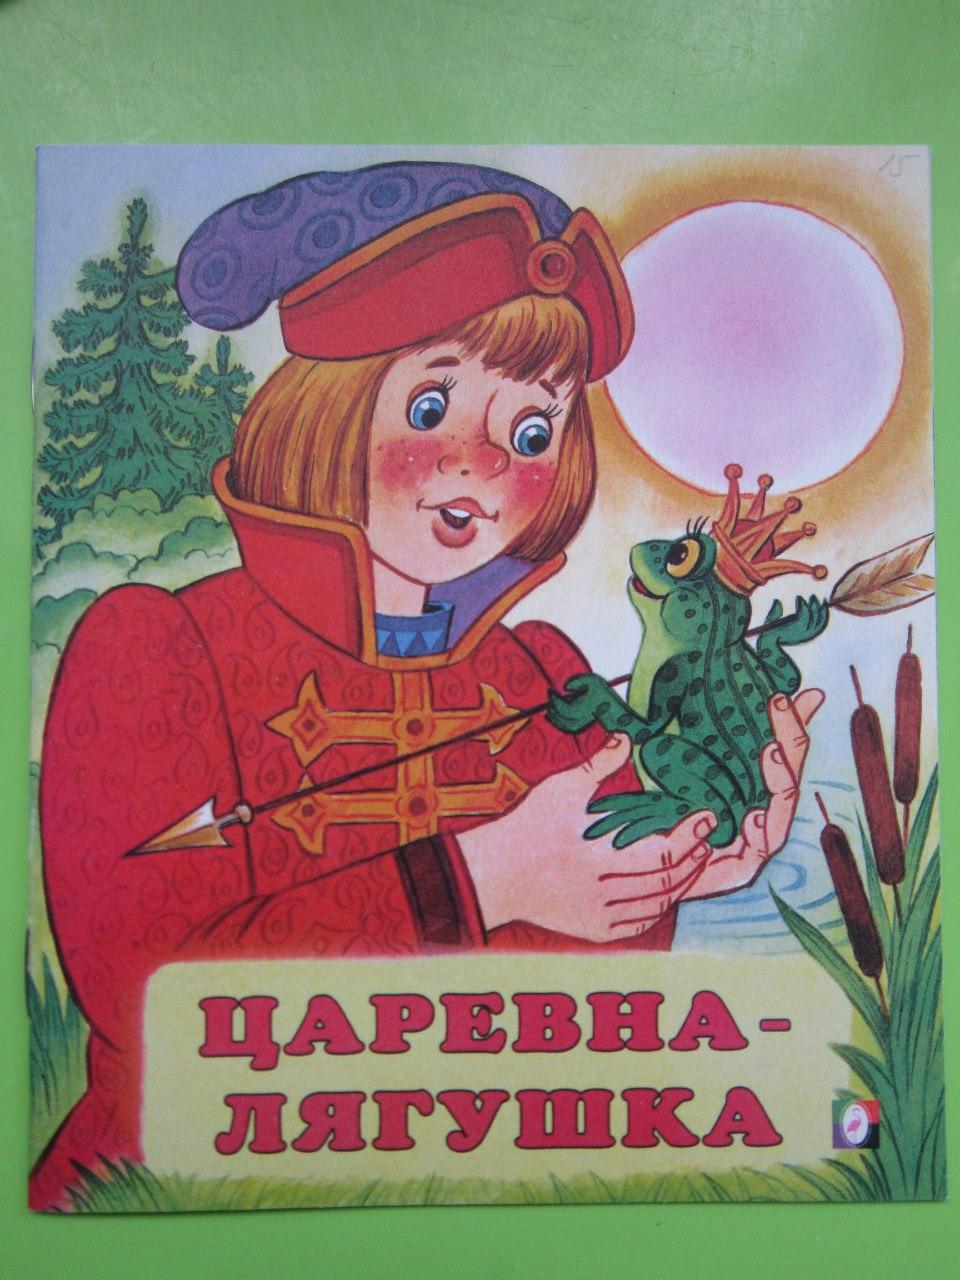 Сказка про царевну лягушку 3 фотография